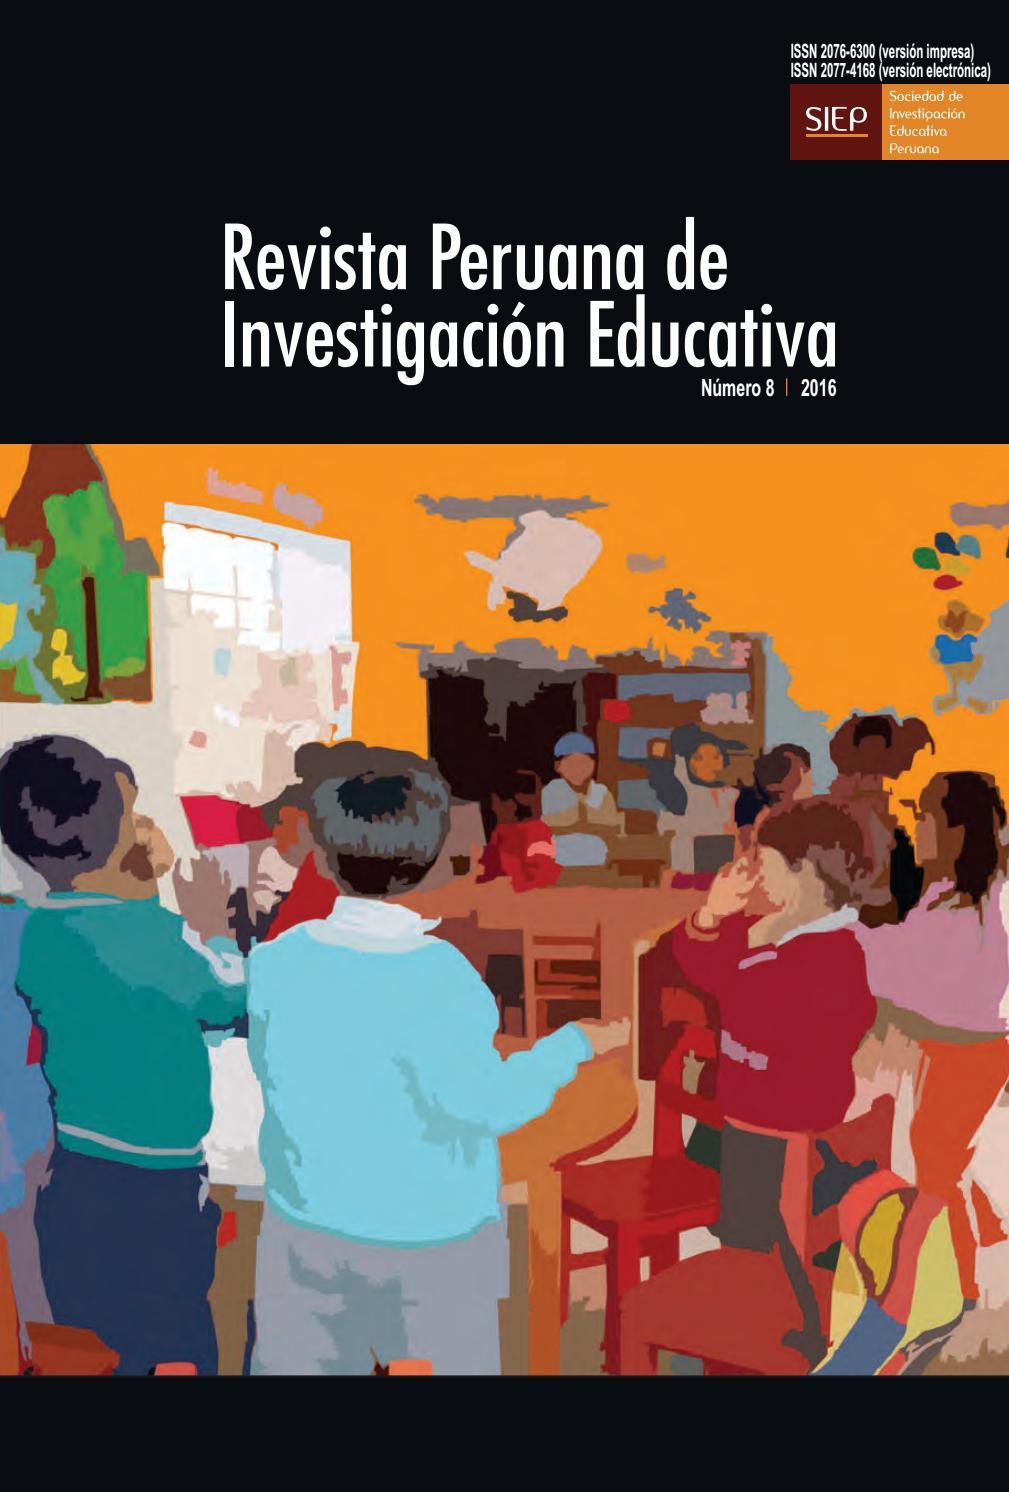 Revista peruana de investigacion educativa by Víctor Vásquez - issuu